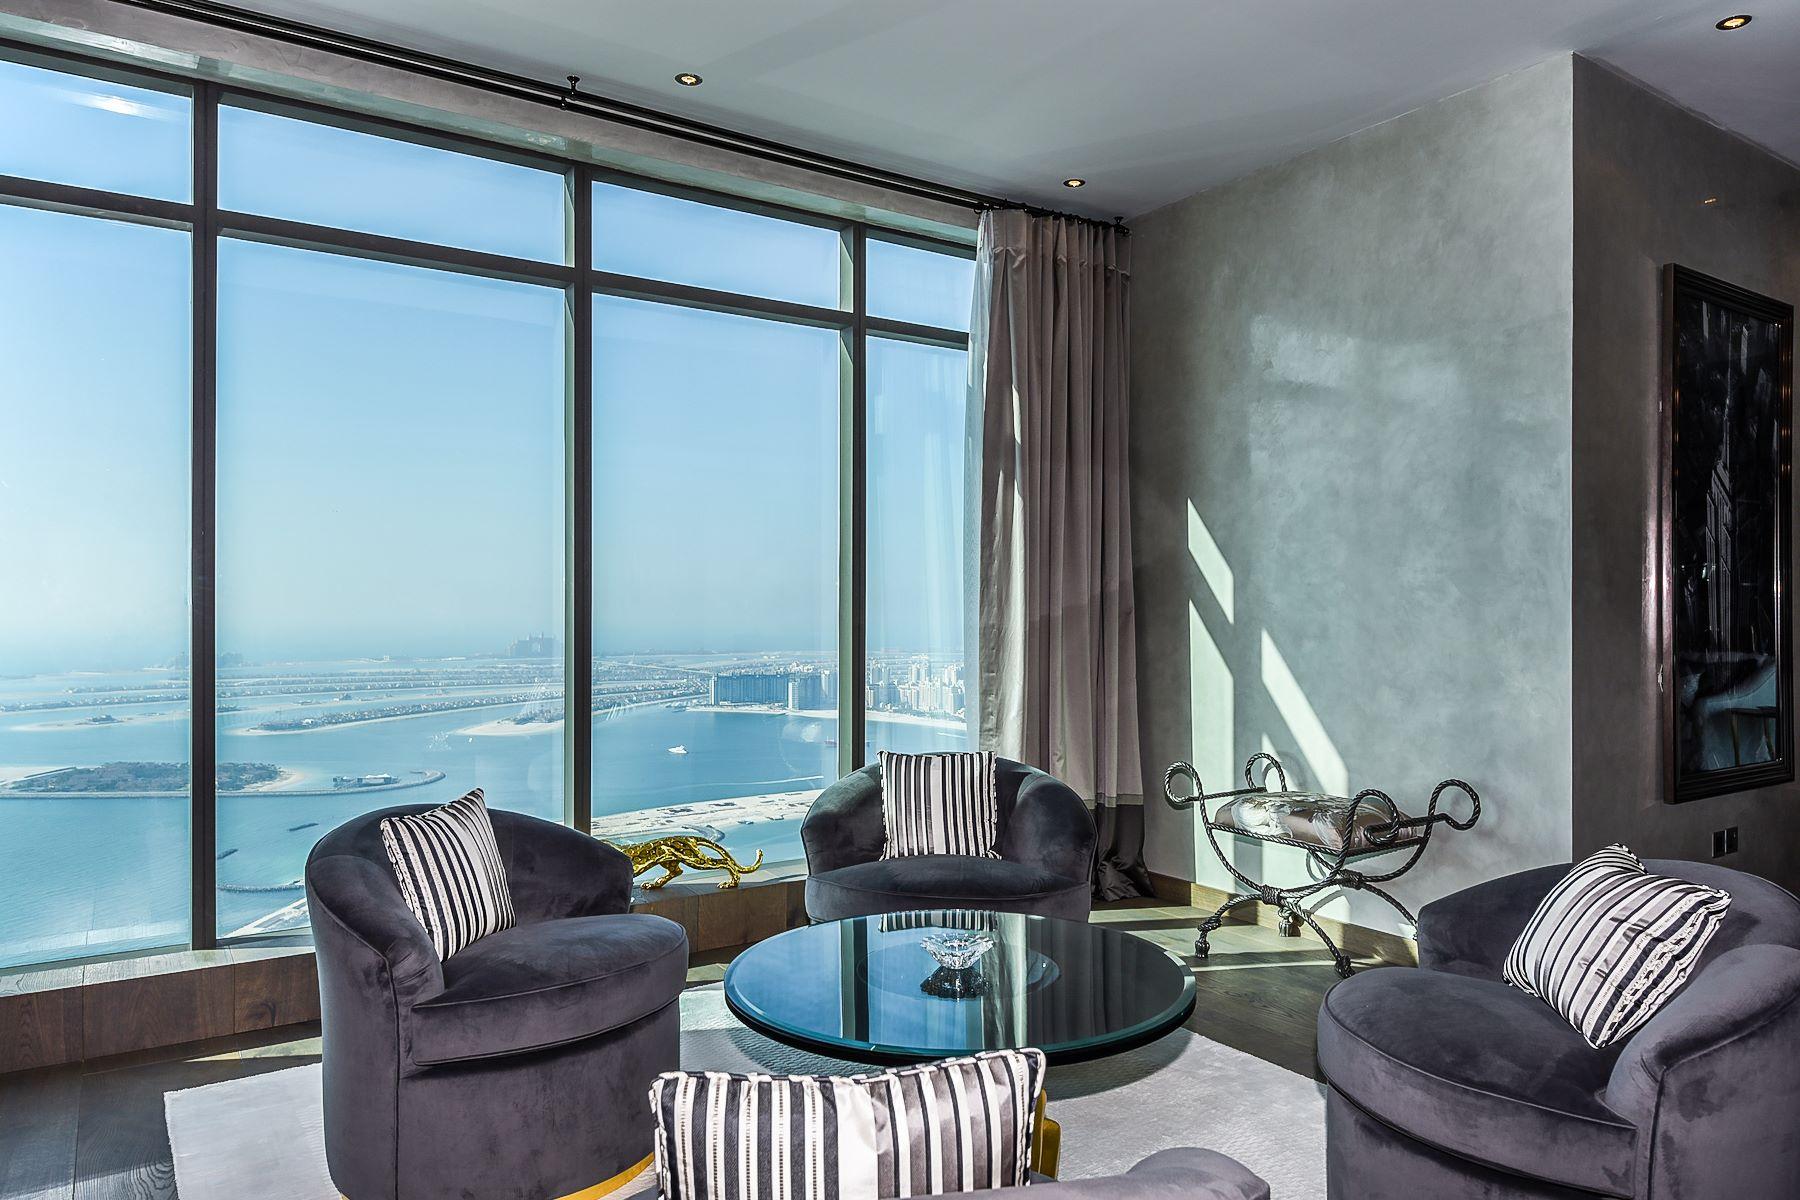 Квартира для того Продажа на Emirates Crown Penthouse Dubai Marina, Dubai, Объединенные Арабские Эмираты